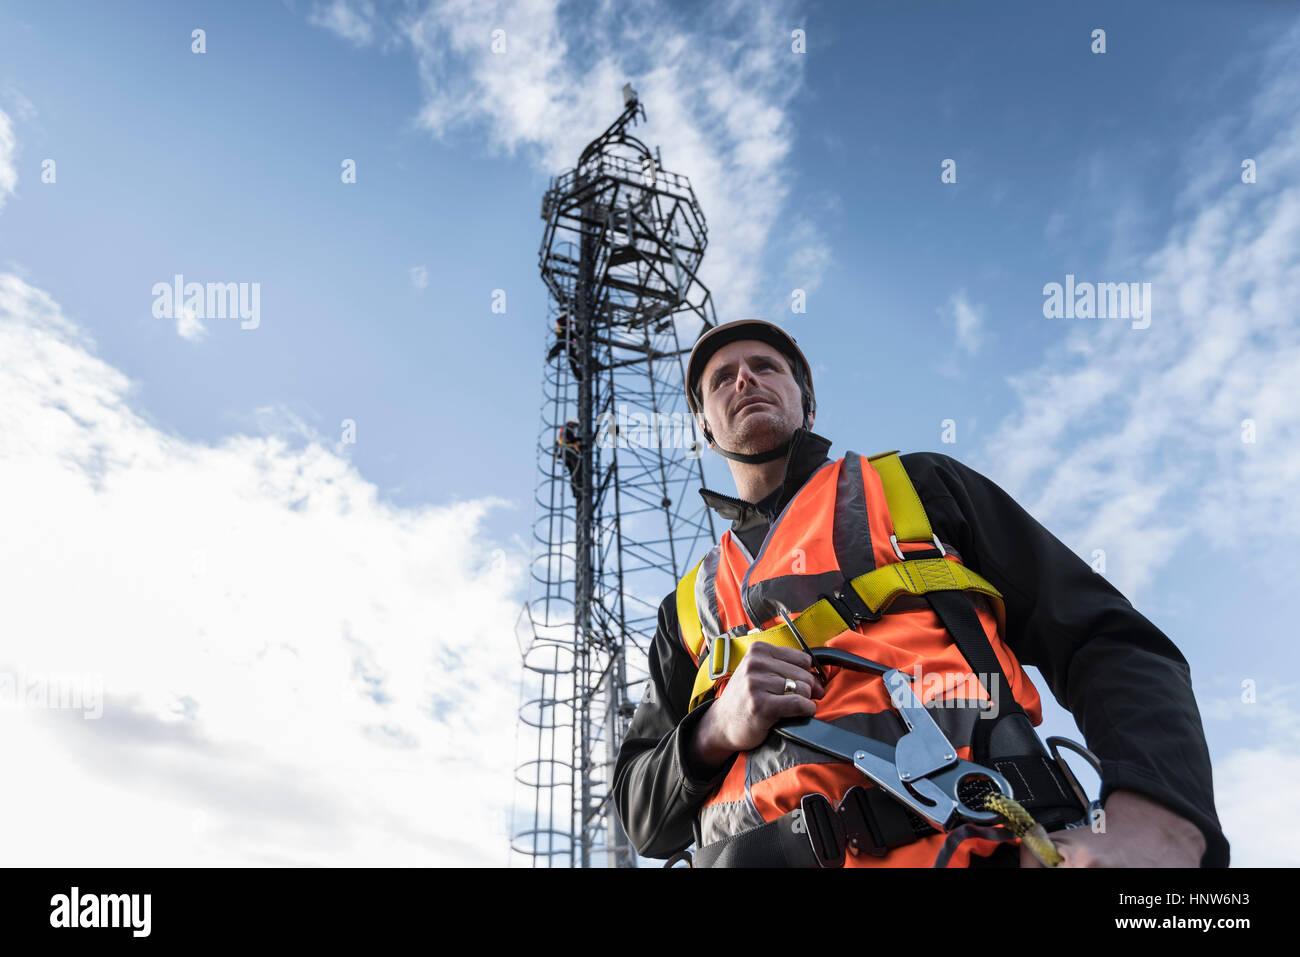 Torre di trasmissione engineer con torre a basso angolo di visione Immagini Stock